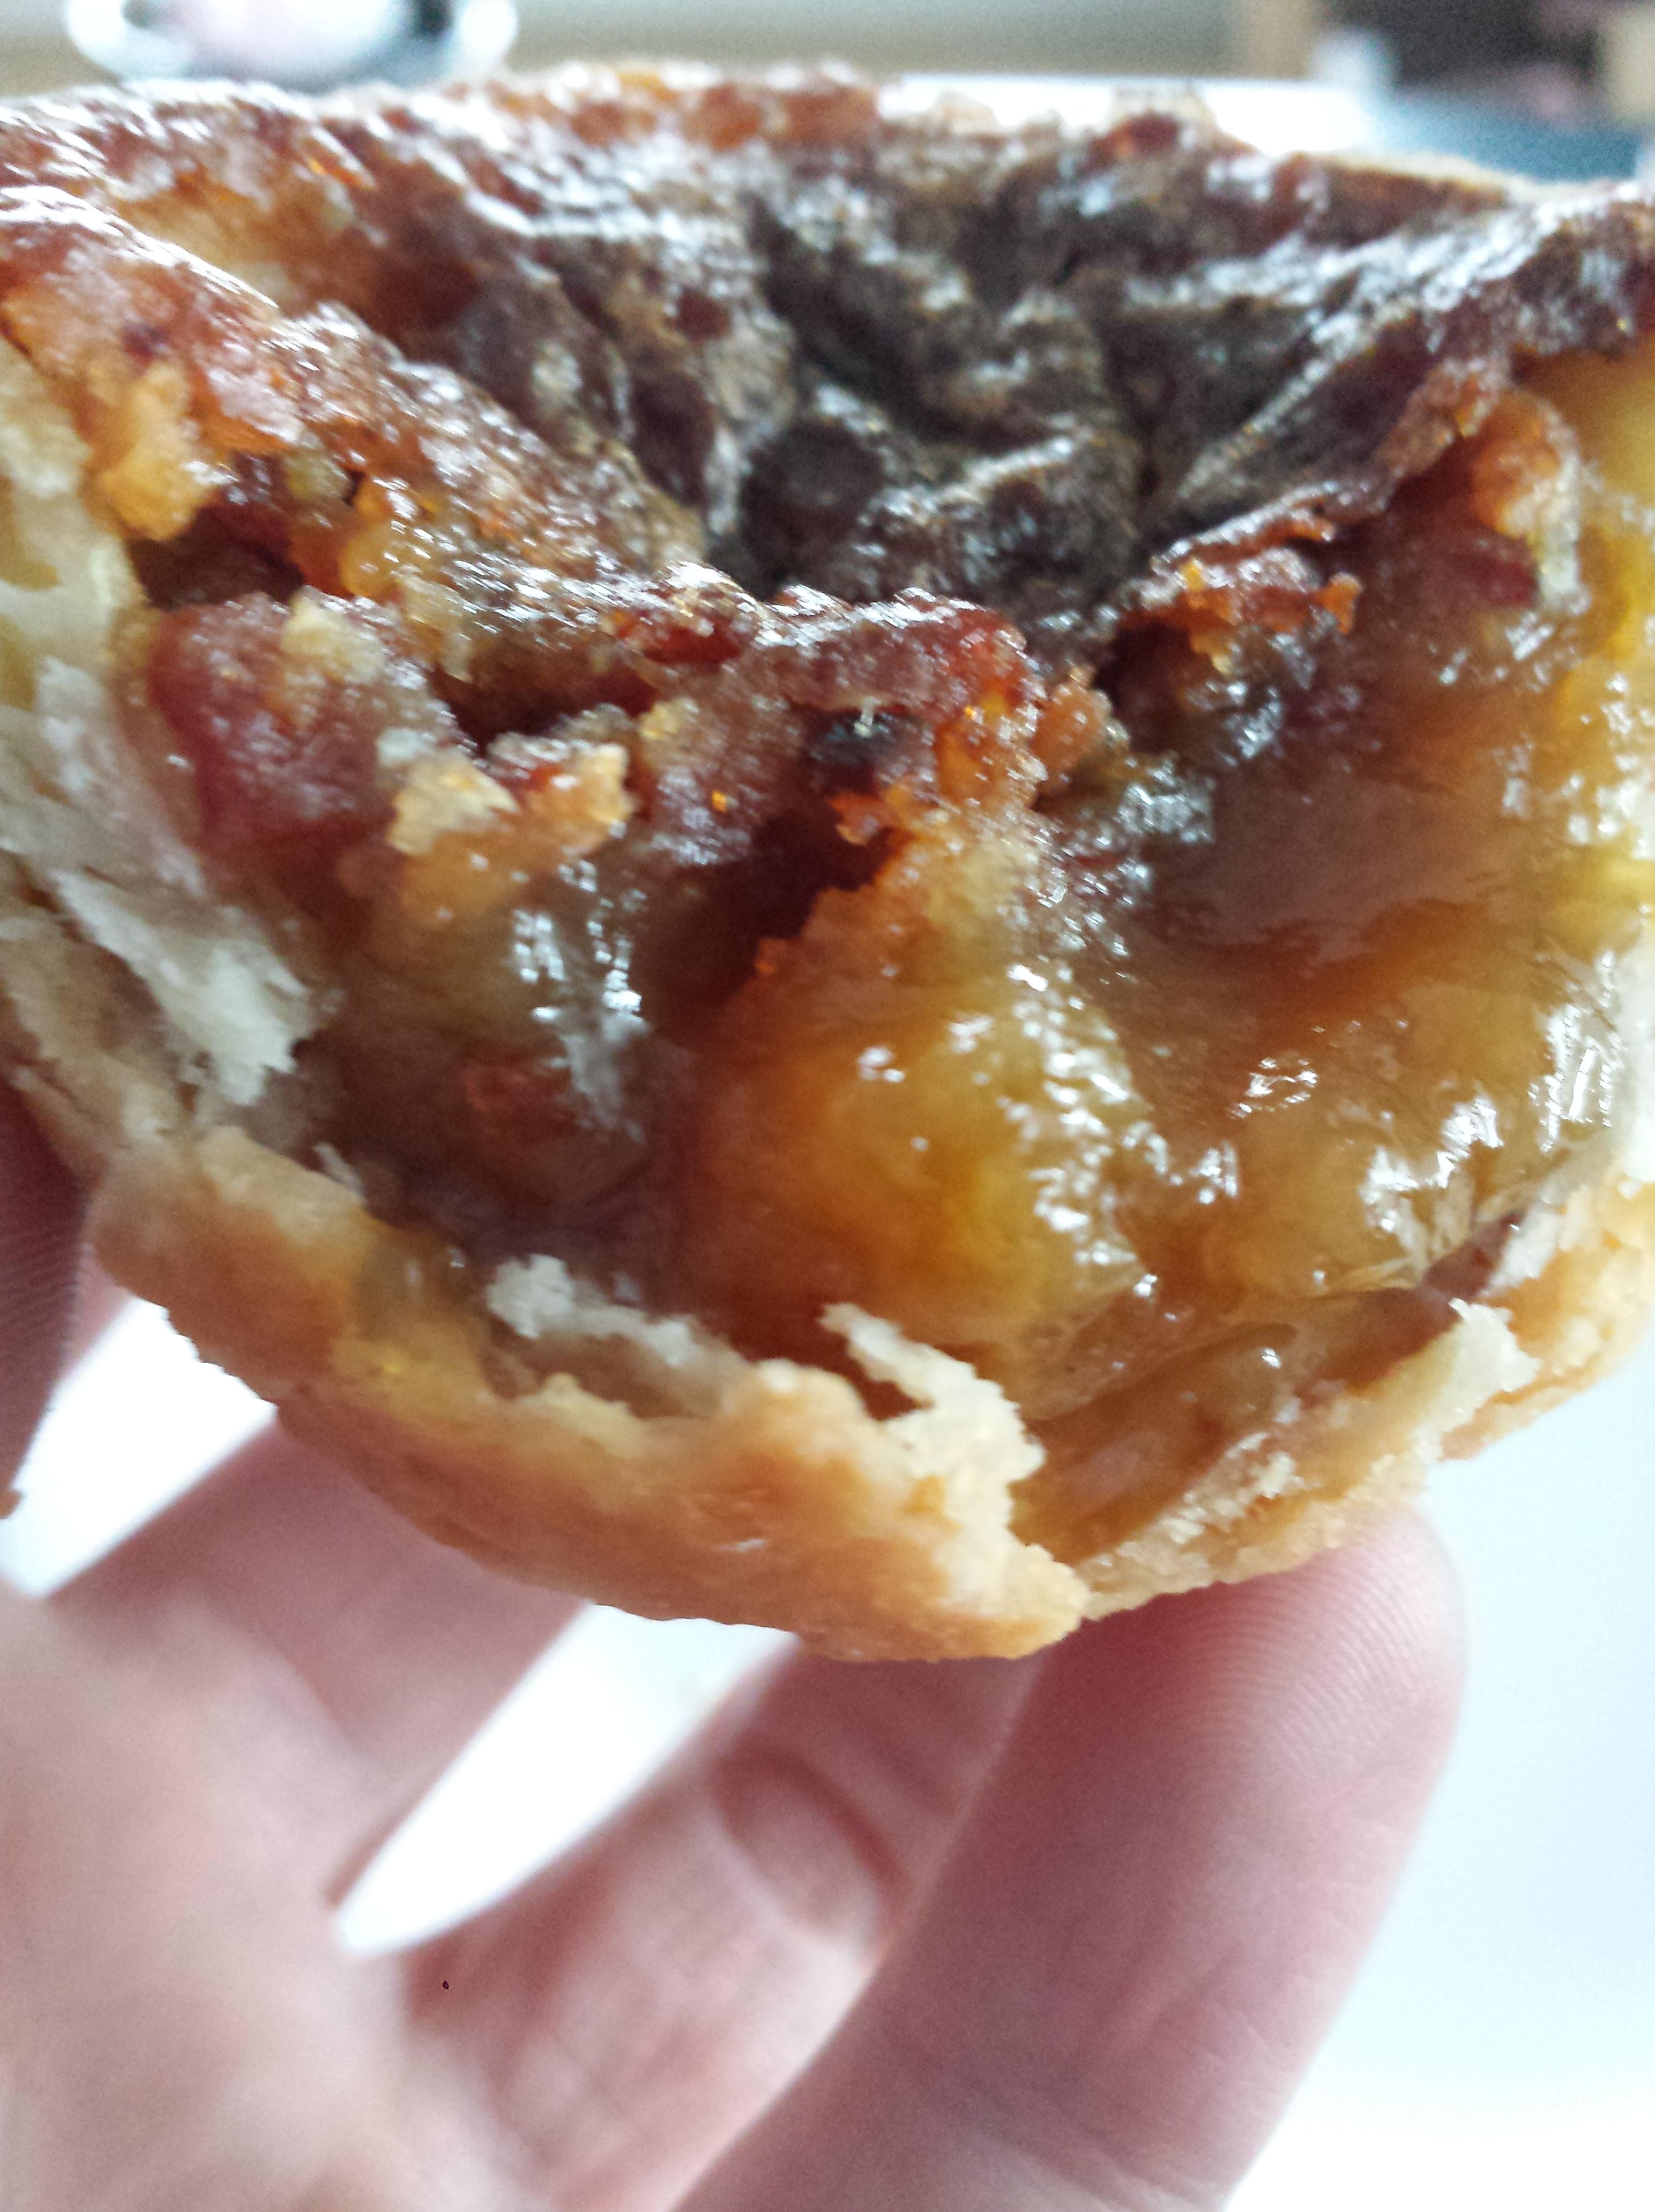 maple bacon butter tarts | Erica's Edibles